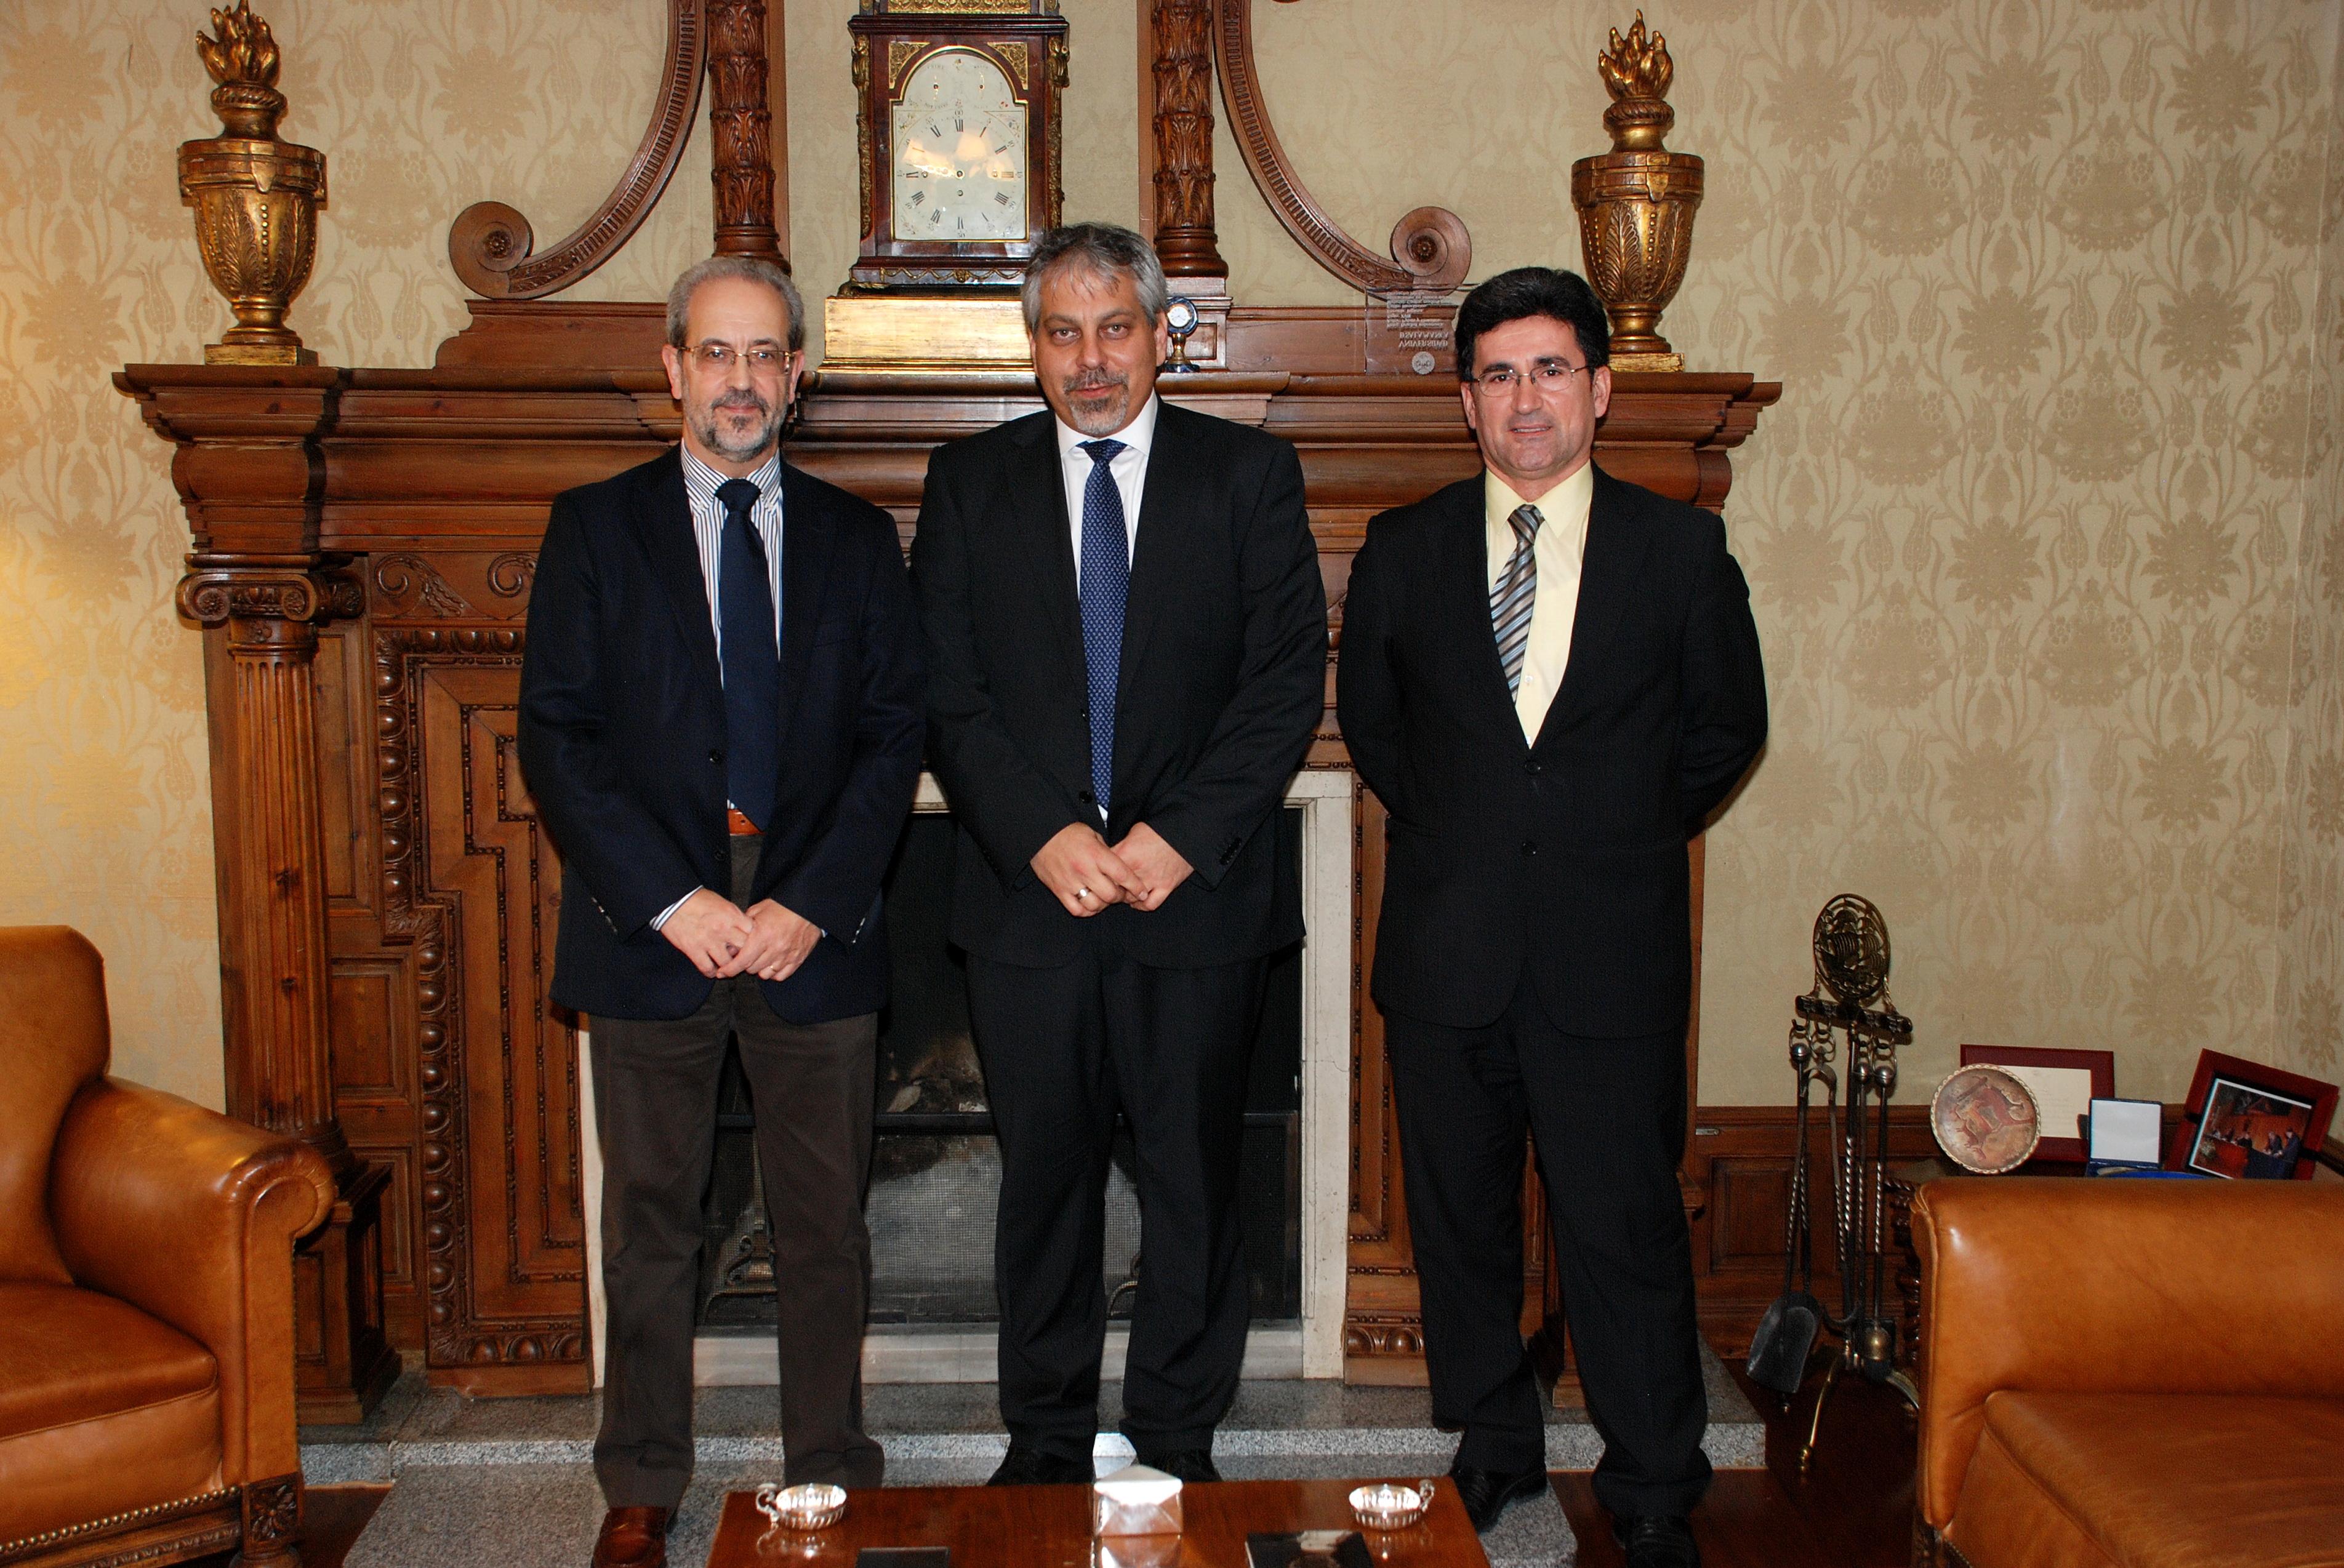 El rector de la Universidad de Salamanca recibe al portavoz de la Embajada de Israel en España